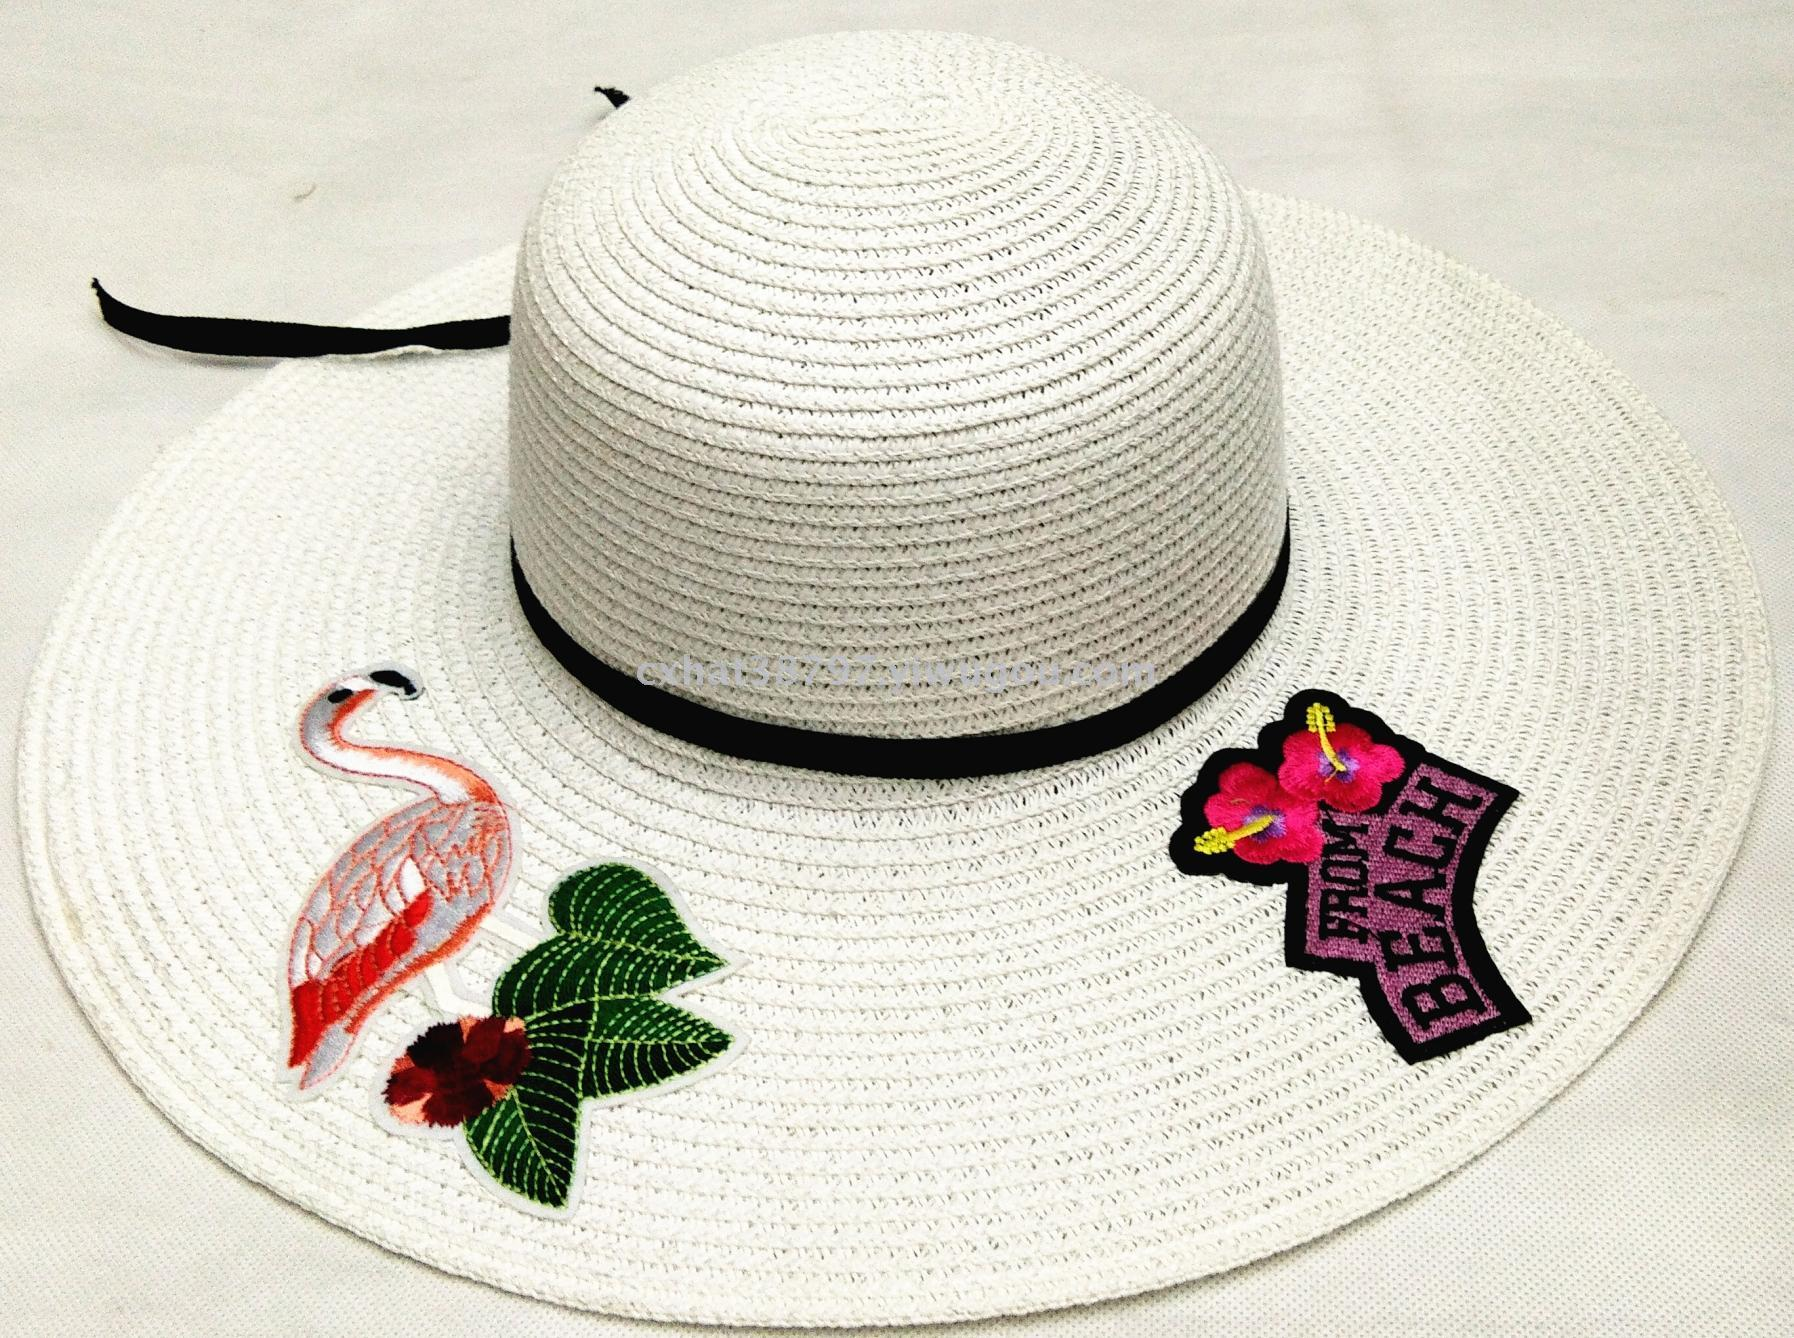 夏季防晒帽 大沿沙滩帽 简单可爱贴花帽